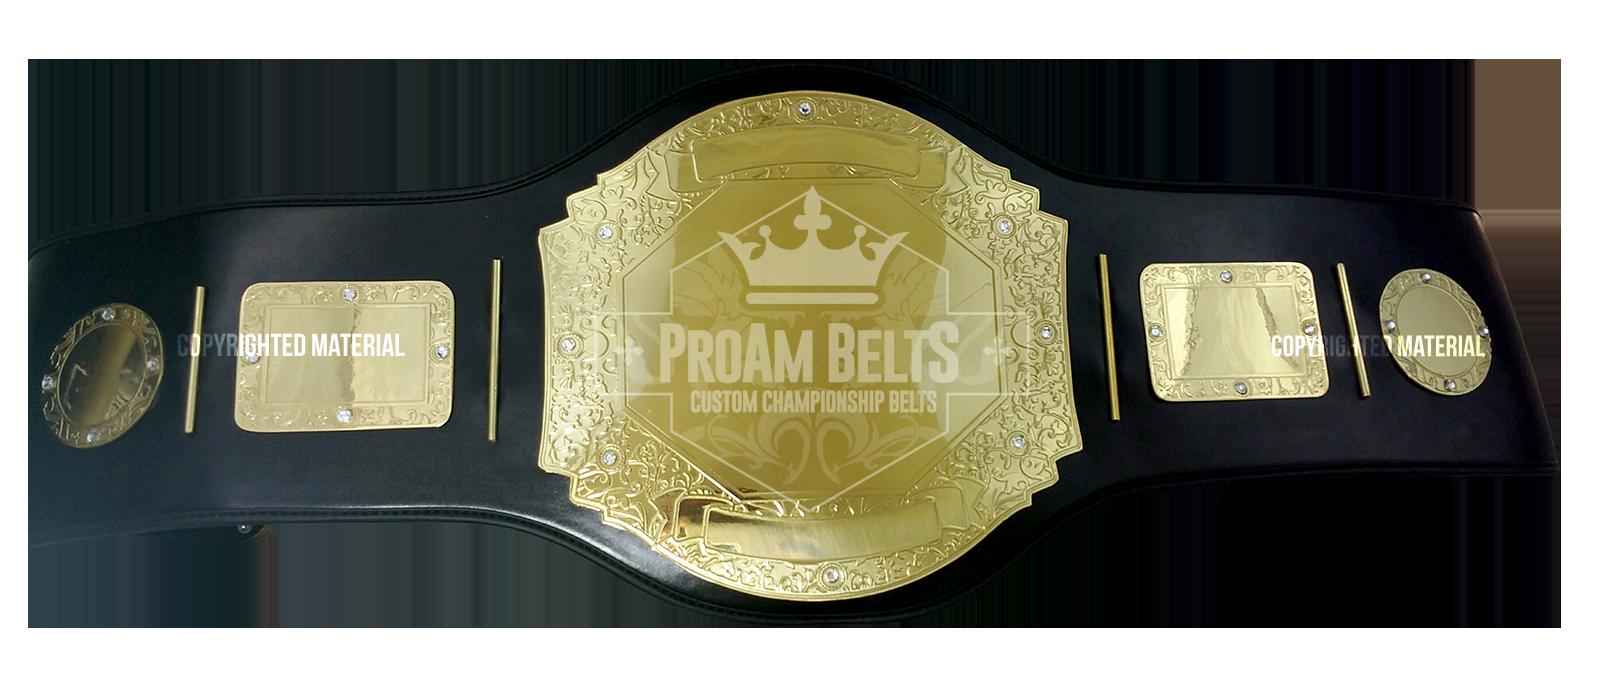 Belt of the Month: Prophet Standard Gold Championship Belt